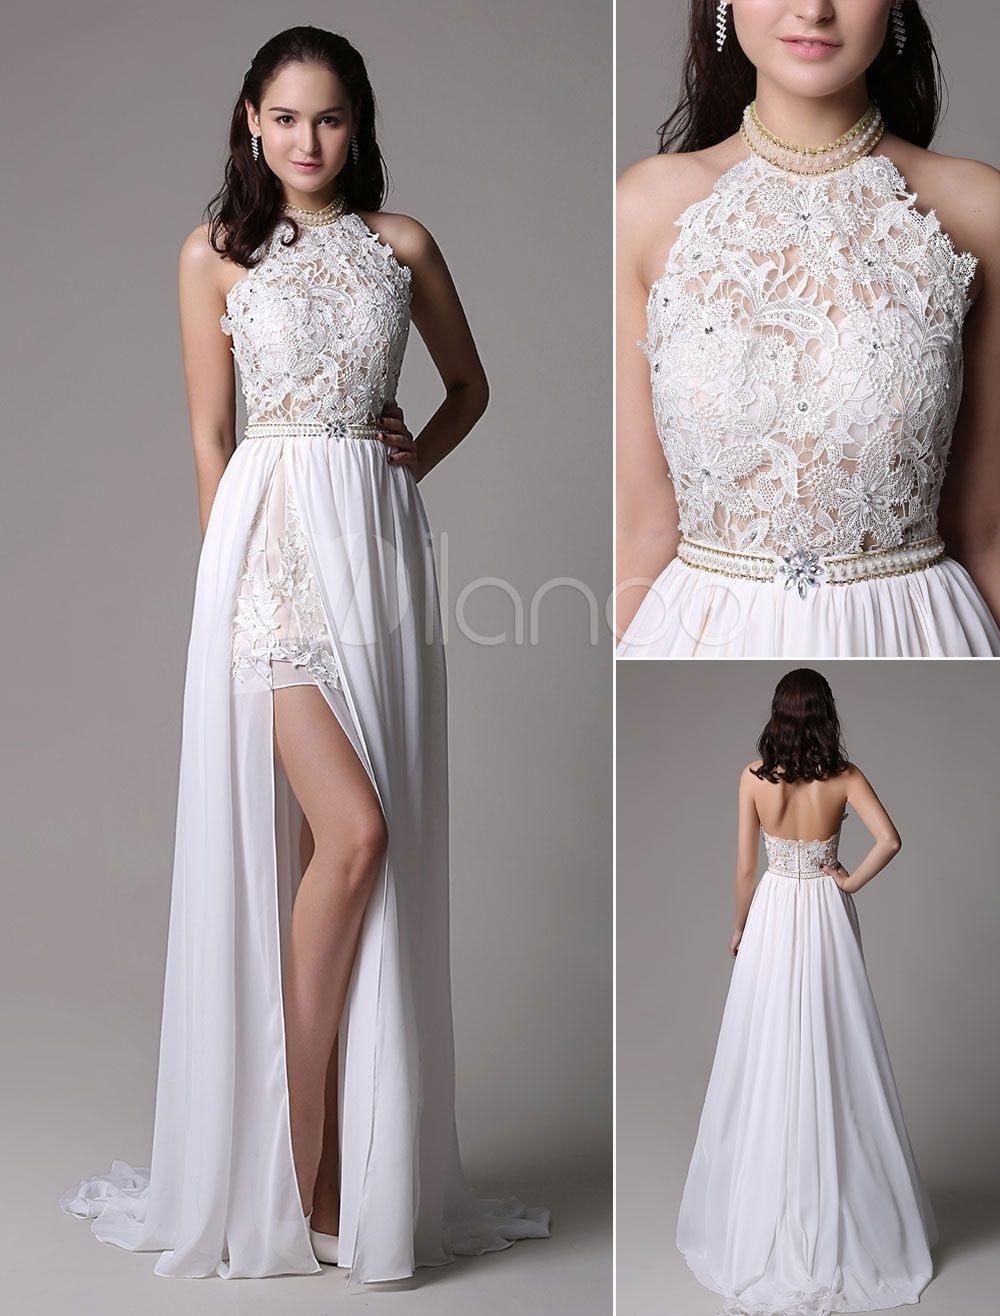 10 Elegant Elegante Weiße Kleider Ärmel13 Elegant Elegante Weiße Kleider Ärmel